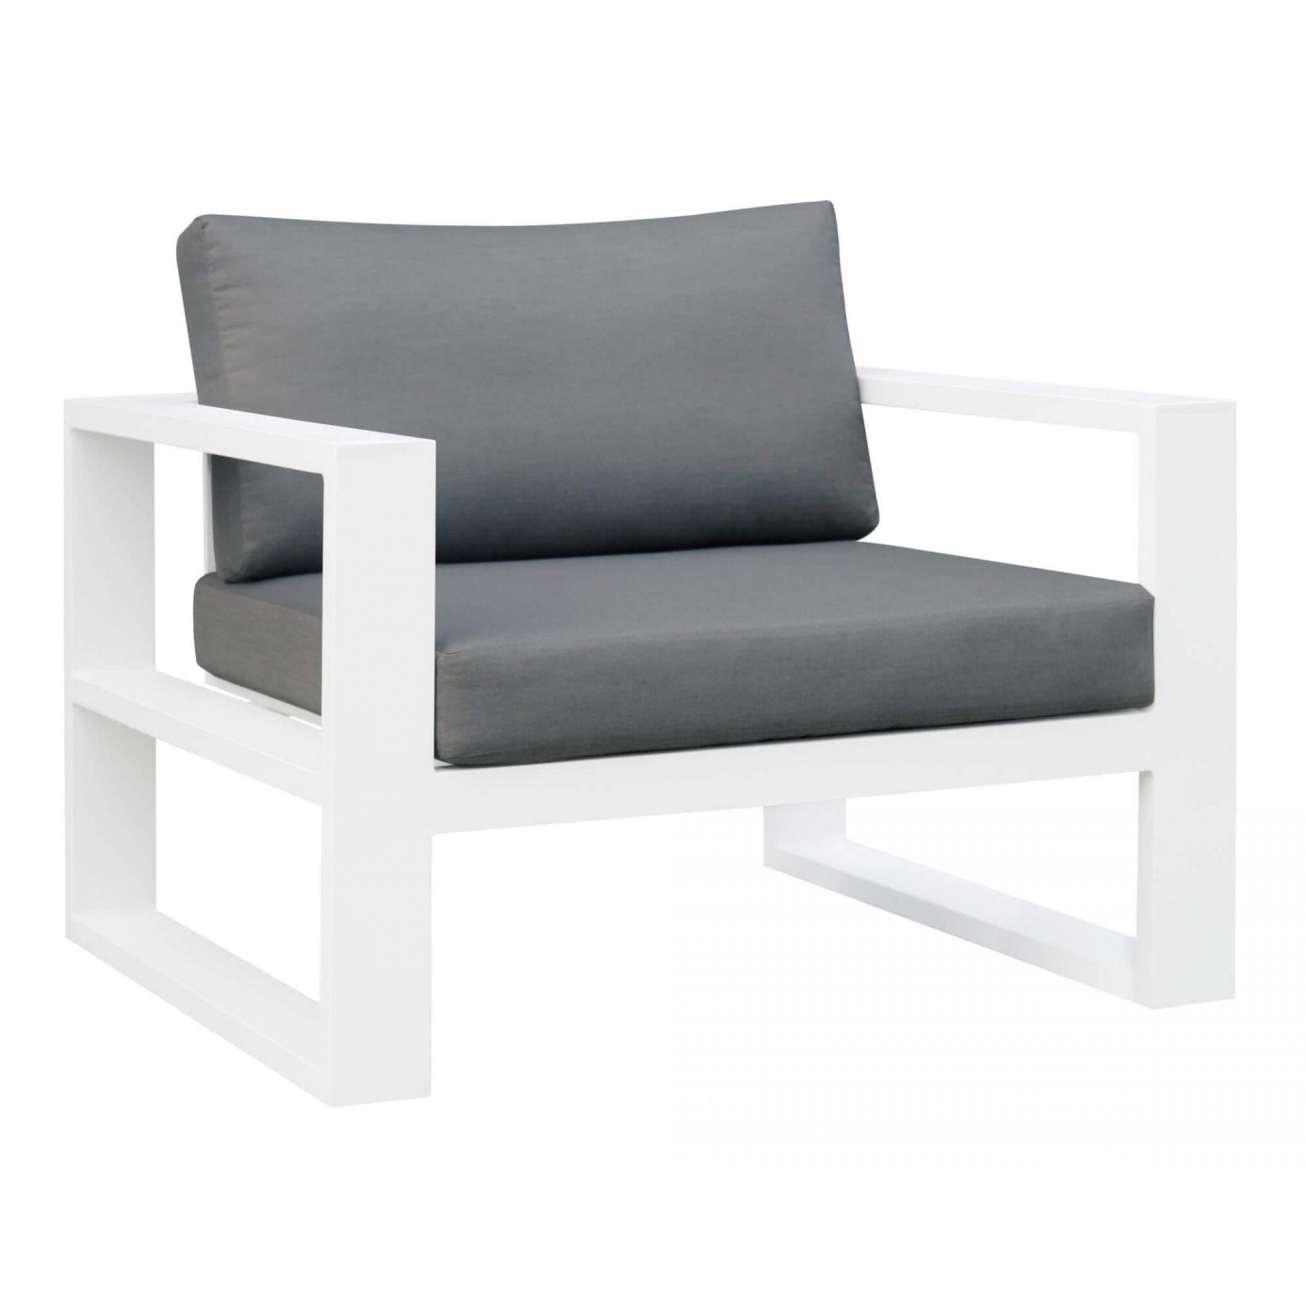 Gardenart stol i hvit aluminium med grå pute